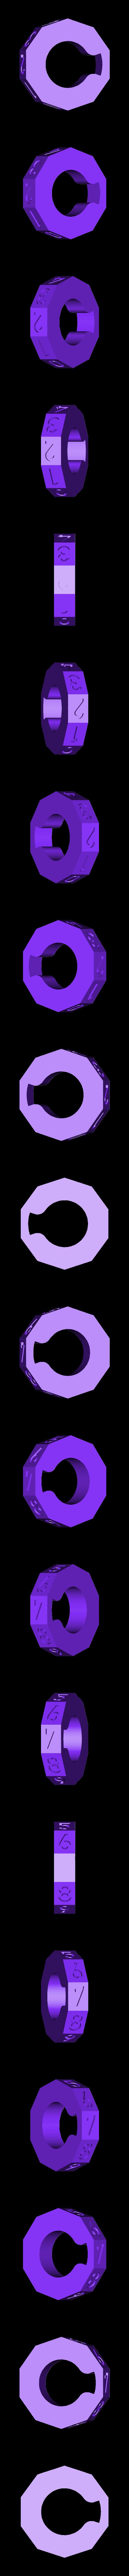 Wheel7.stl Télécharger fichier STL gratuit Kit de verrouillage de permutation personnalisable (verrouillage à combinaison) • Objet pour impression 3D, plasticpasta